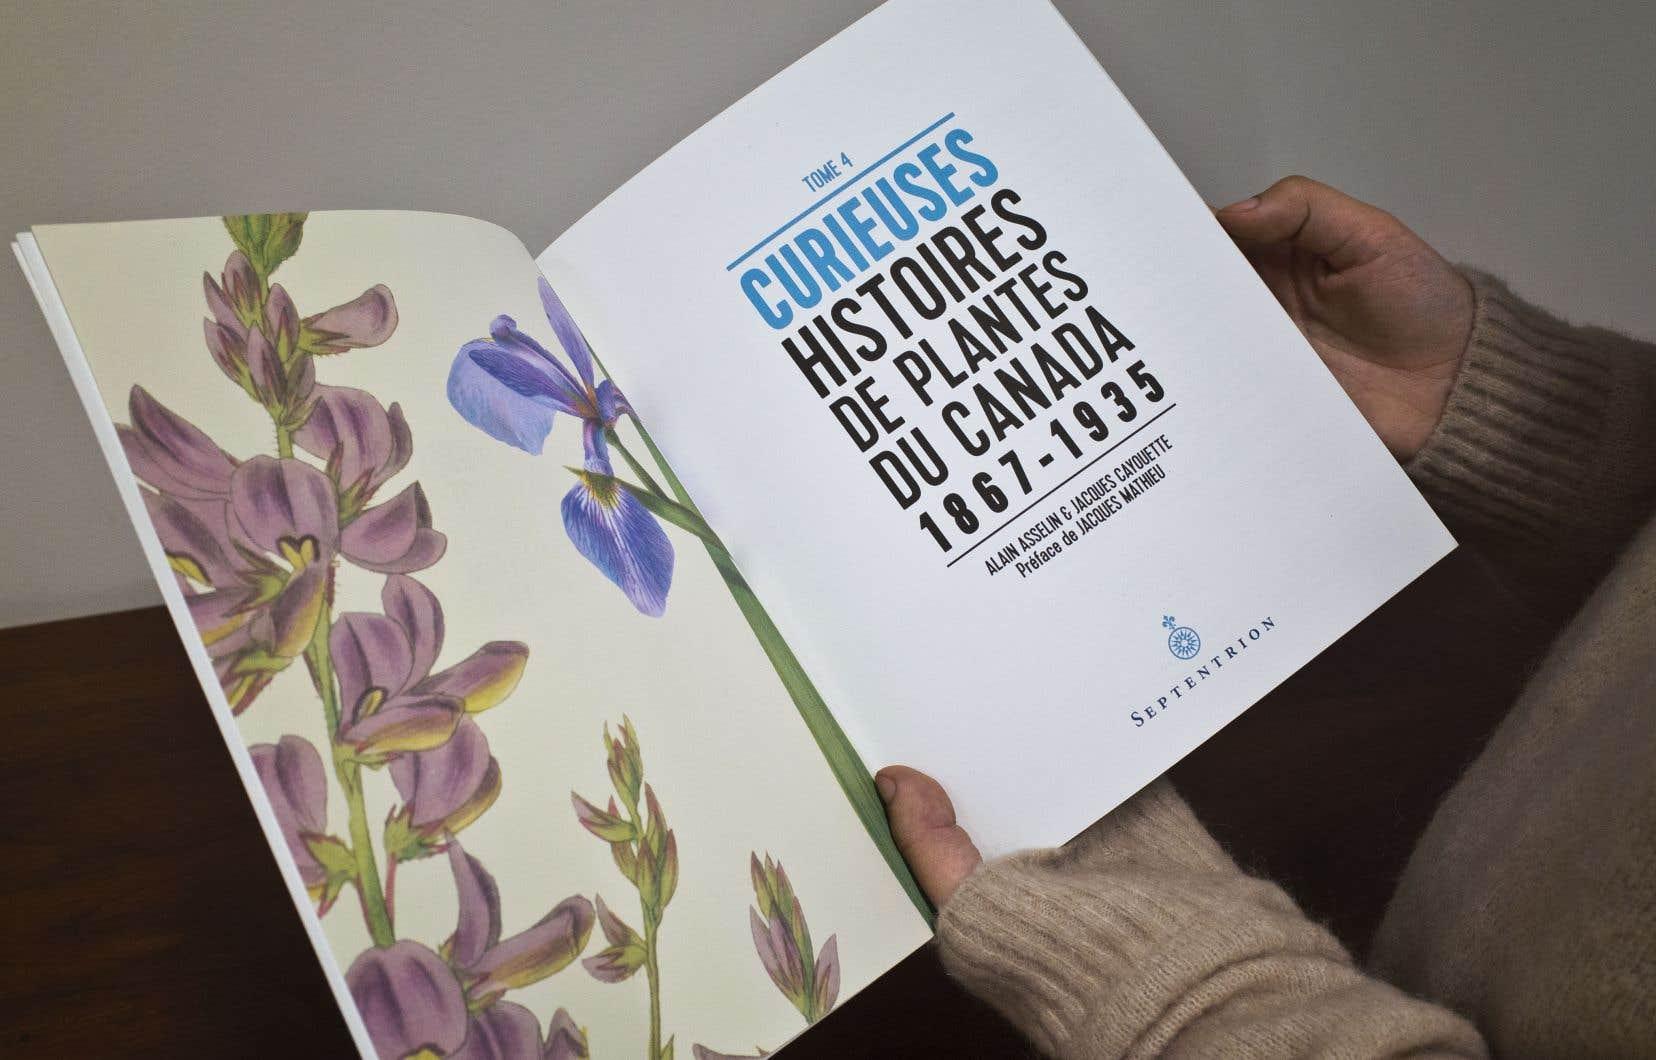 «Curieuses histoires de plantes du Canada», une suite d'historiettes délicieuses sur l'histoire du Québec envisagé sous l'angle de l'agriculture, de l'agroalimentaire, de l'industrie, de la médecine, voire des drogues.